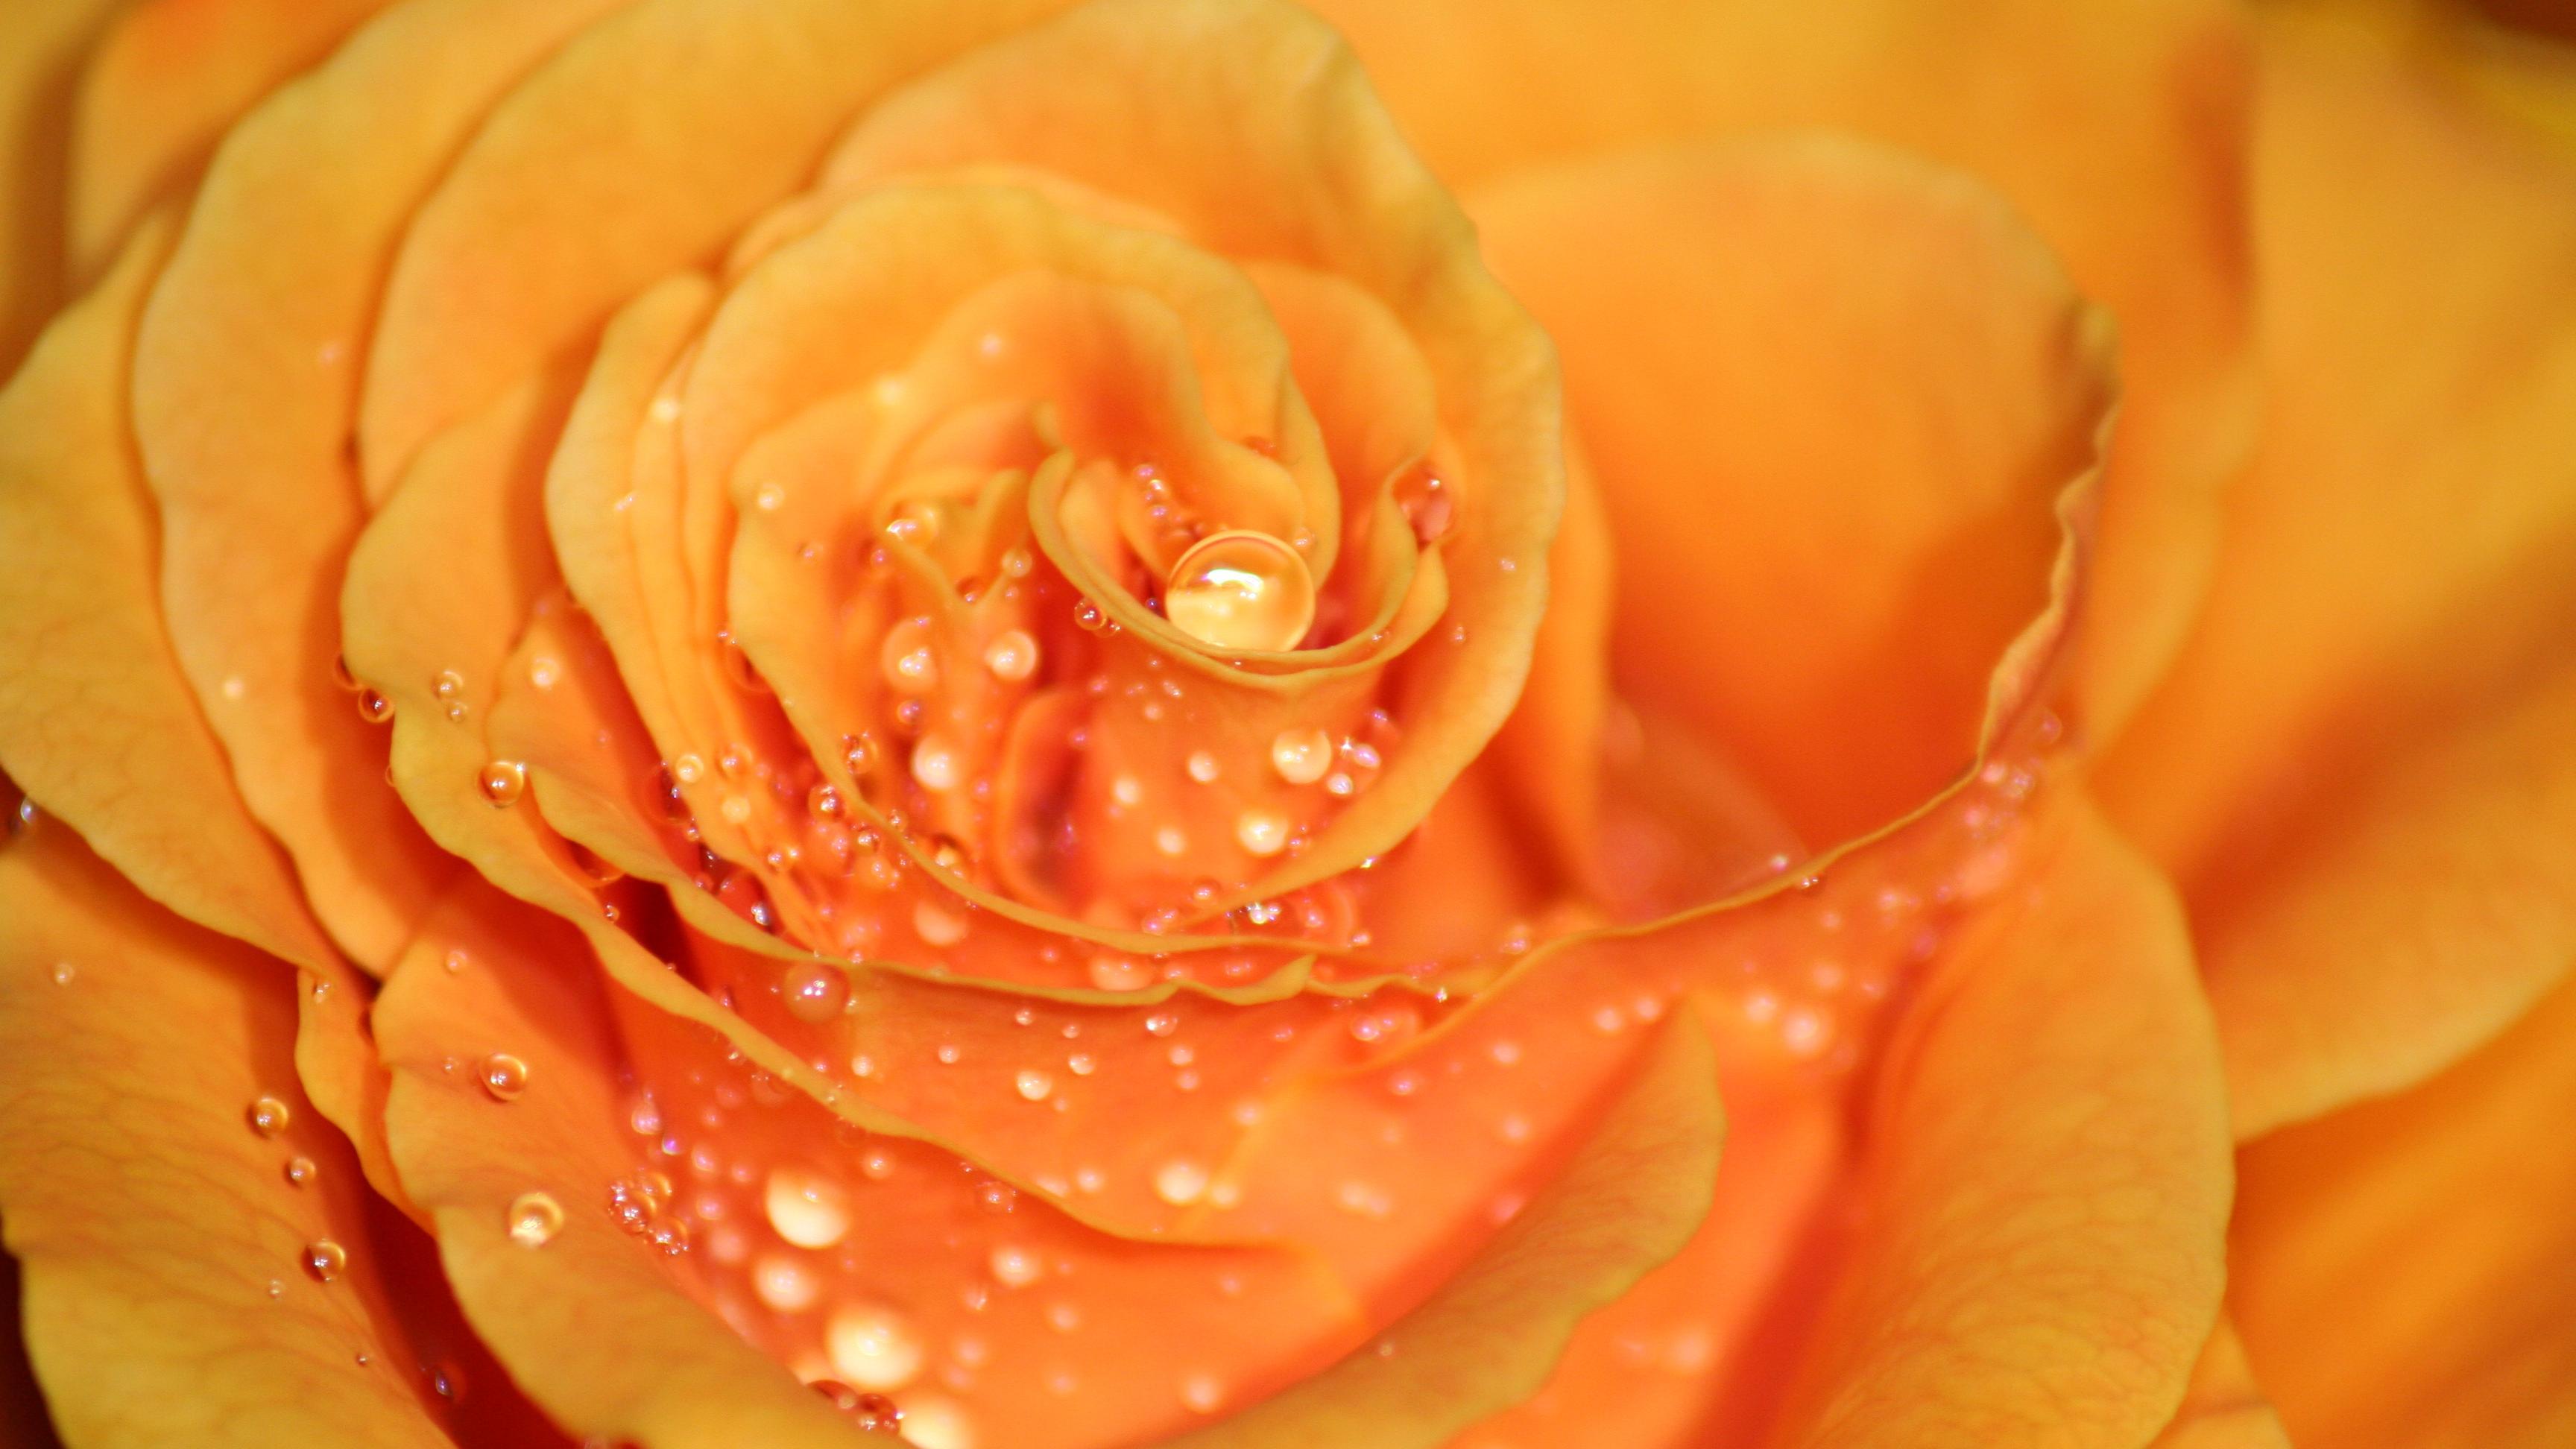 Wann Rosen pflanzen? Tipps und Infos zum idealen Zeitpunkt